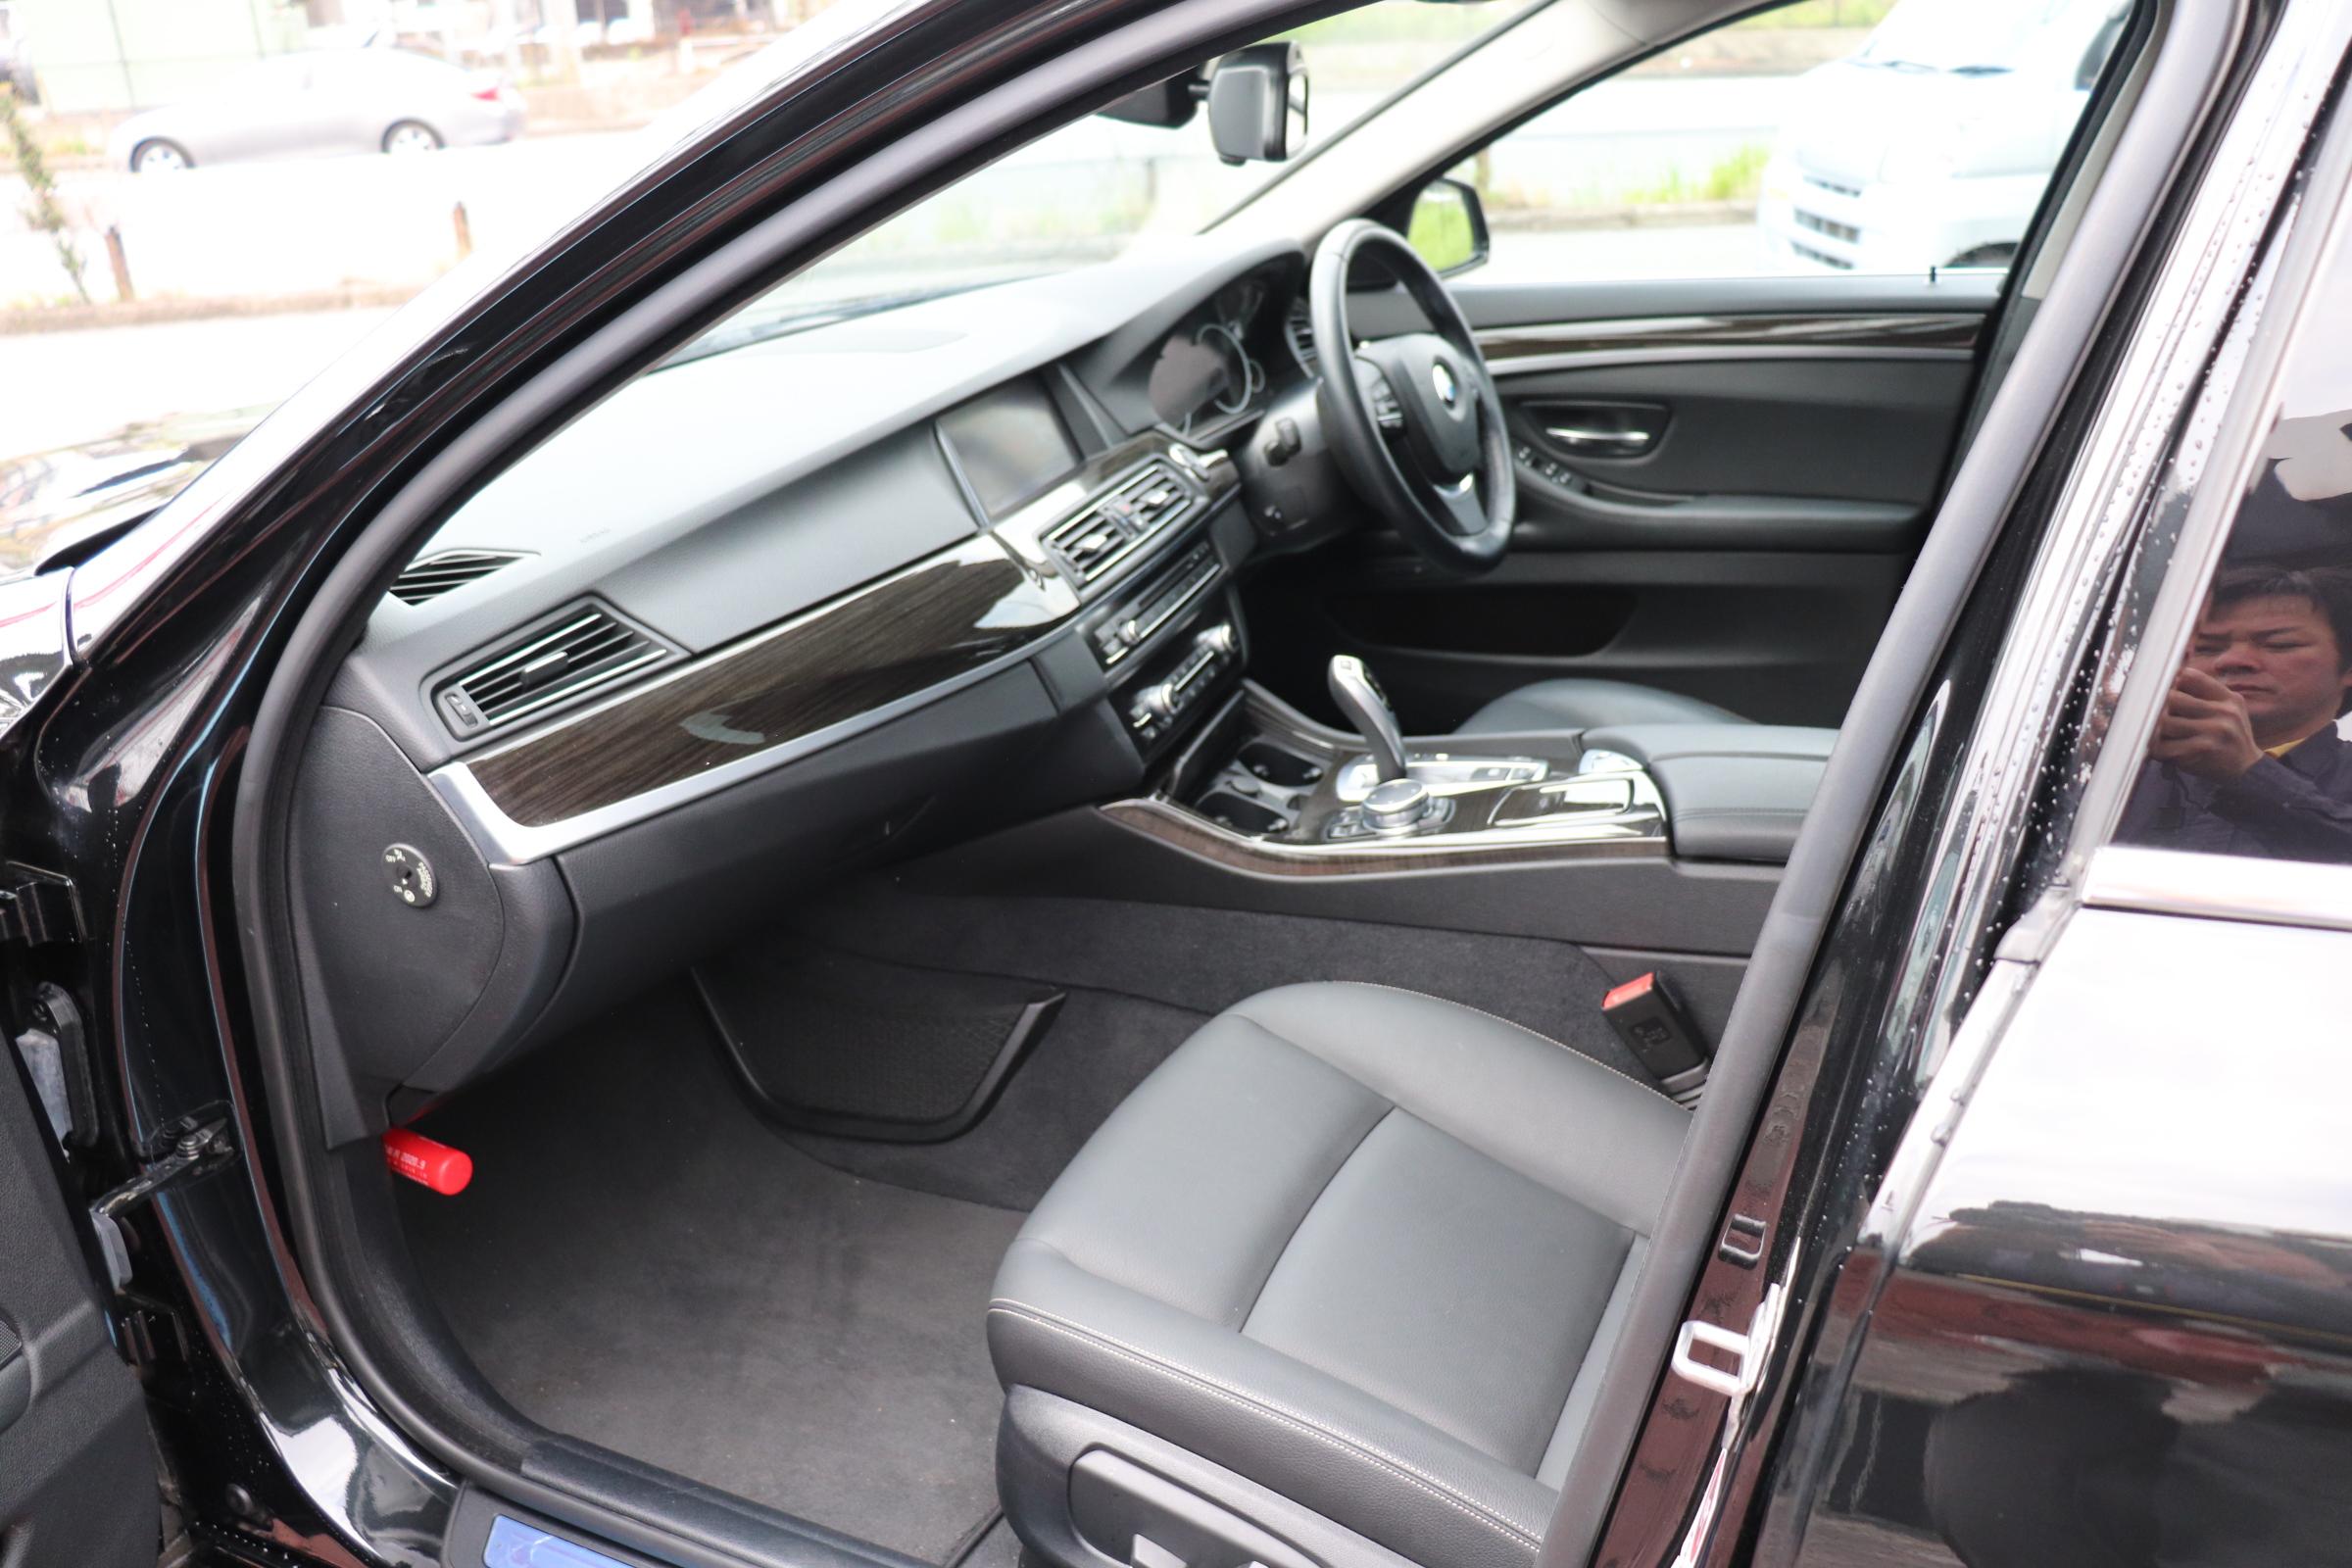 528iラグジュアリー BEAMコンプリートカー ワンオナ LEDヘッドライト マルチディスプレイメーター車両画像13